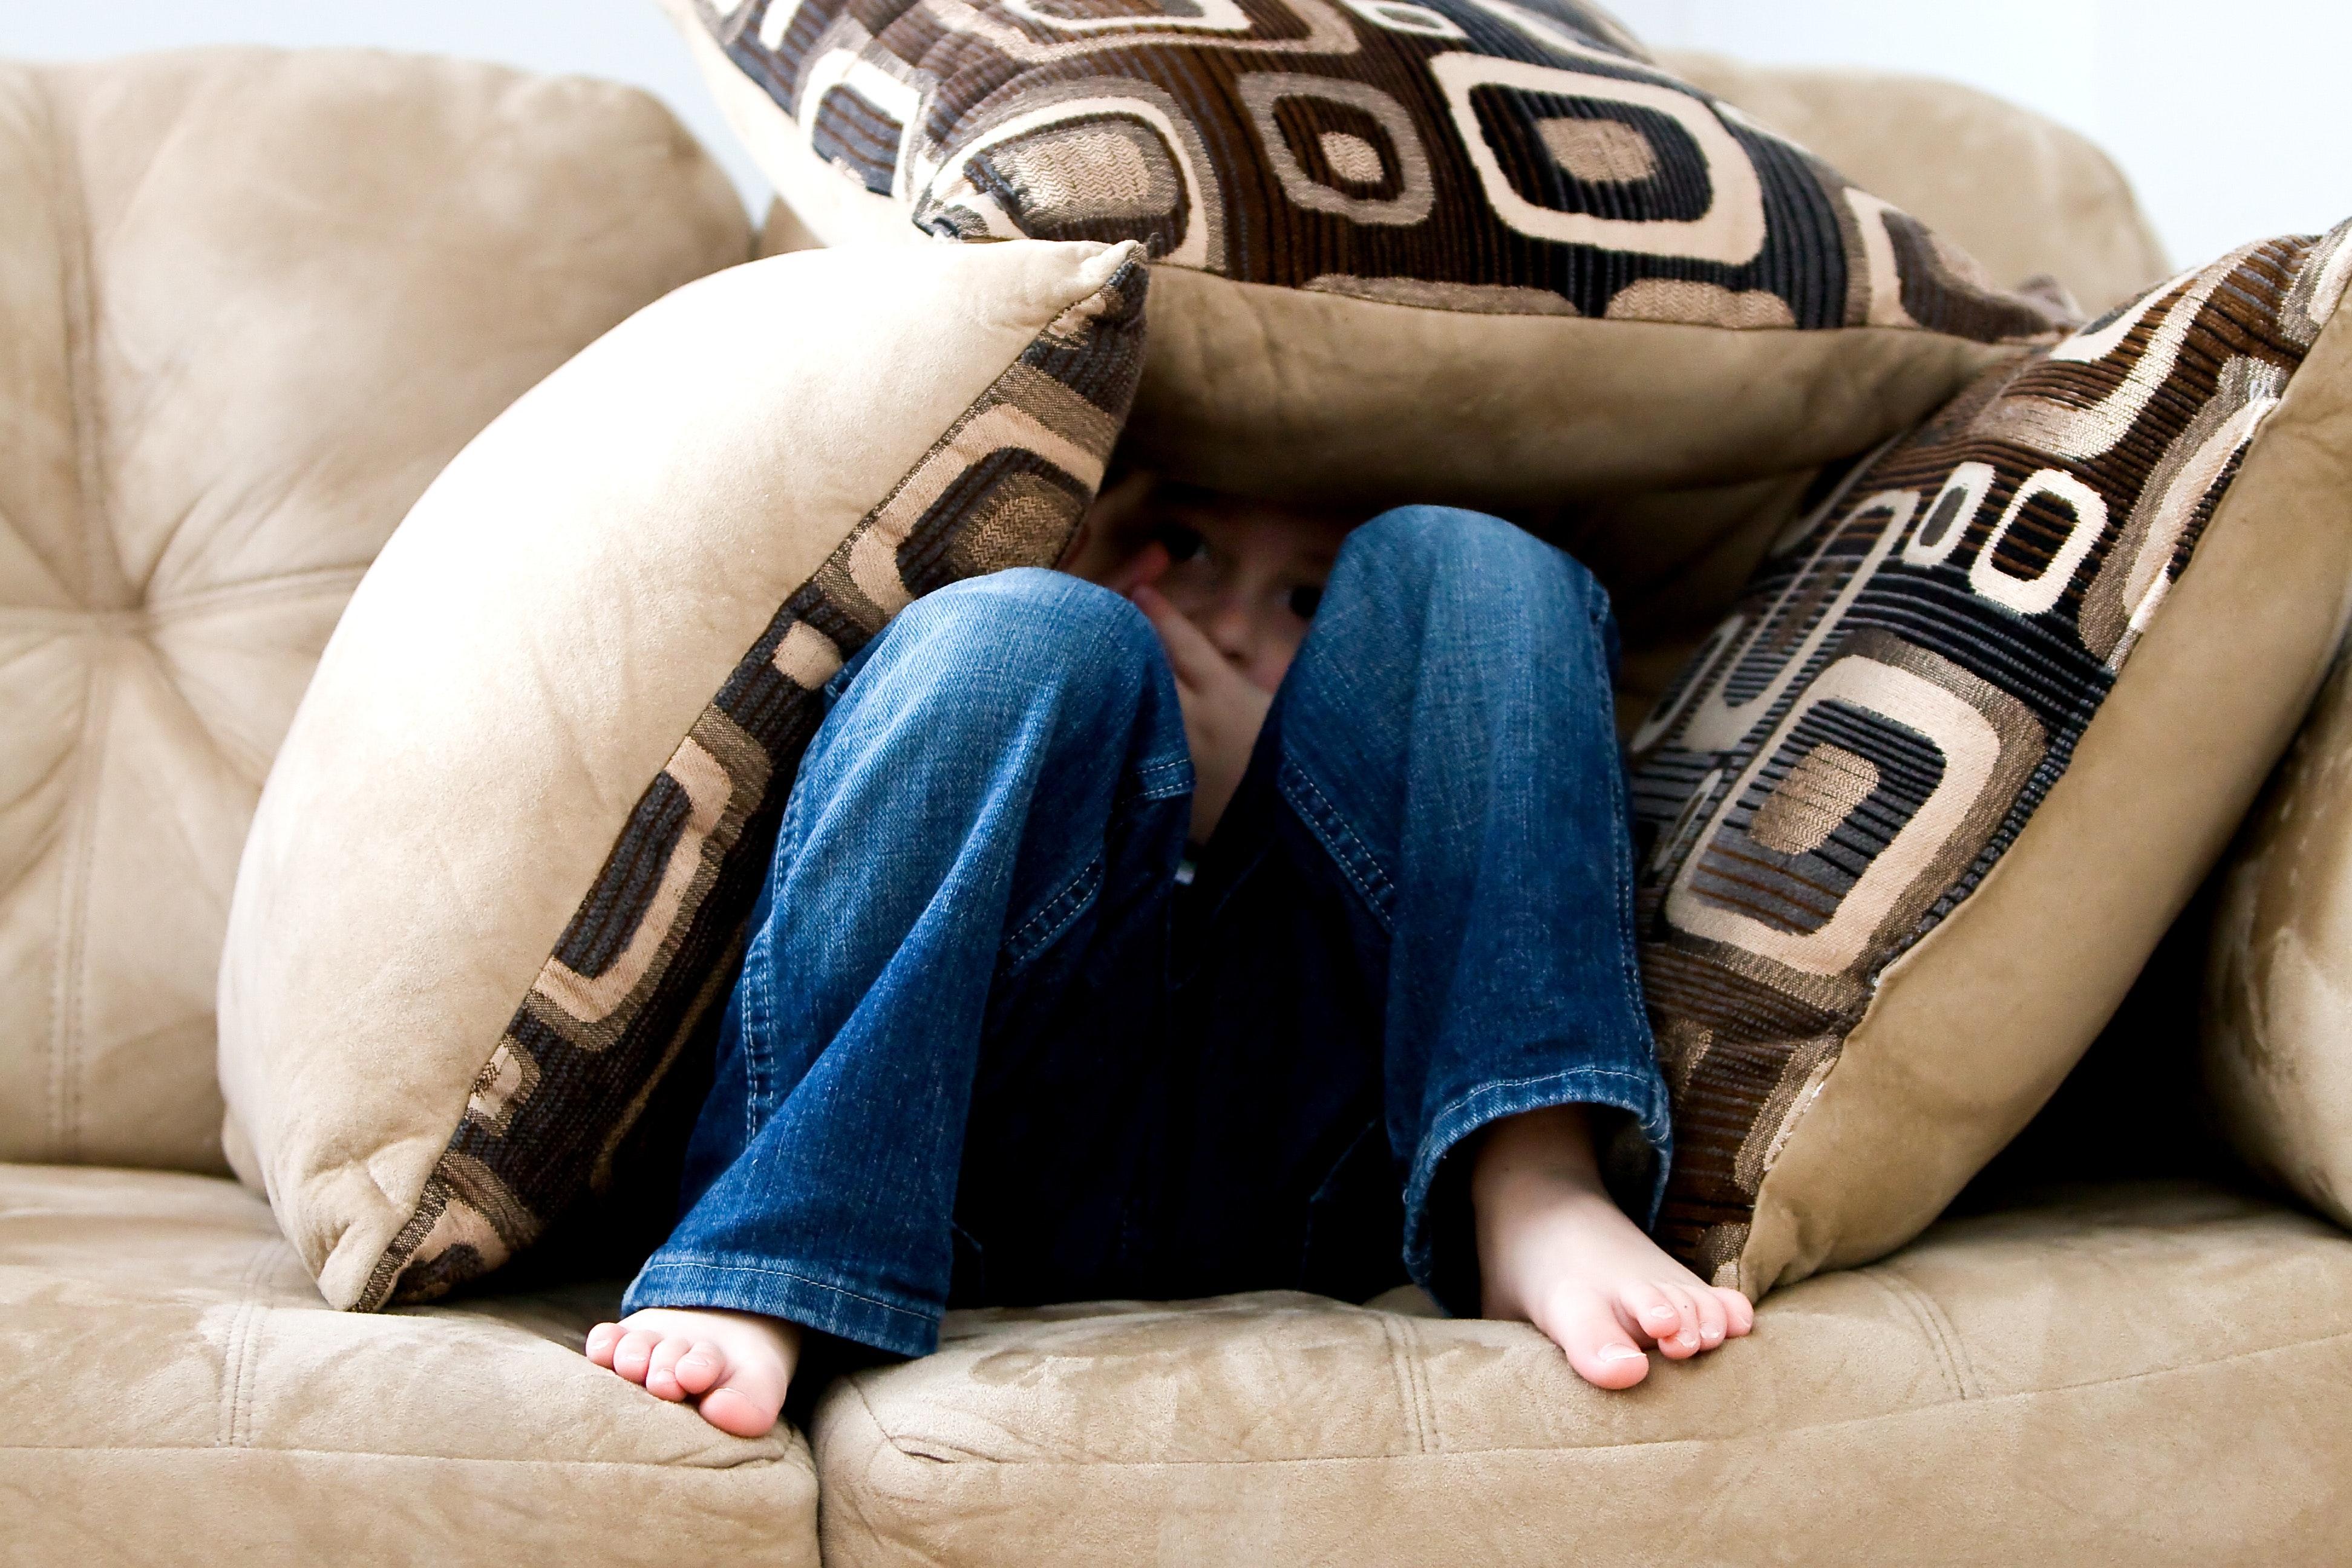 Feeling depressed or anxious?